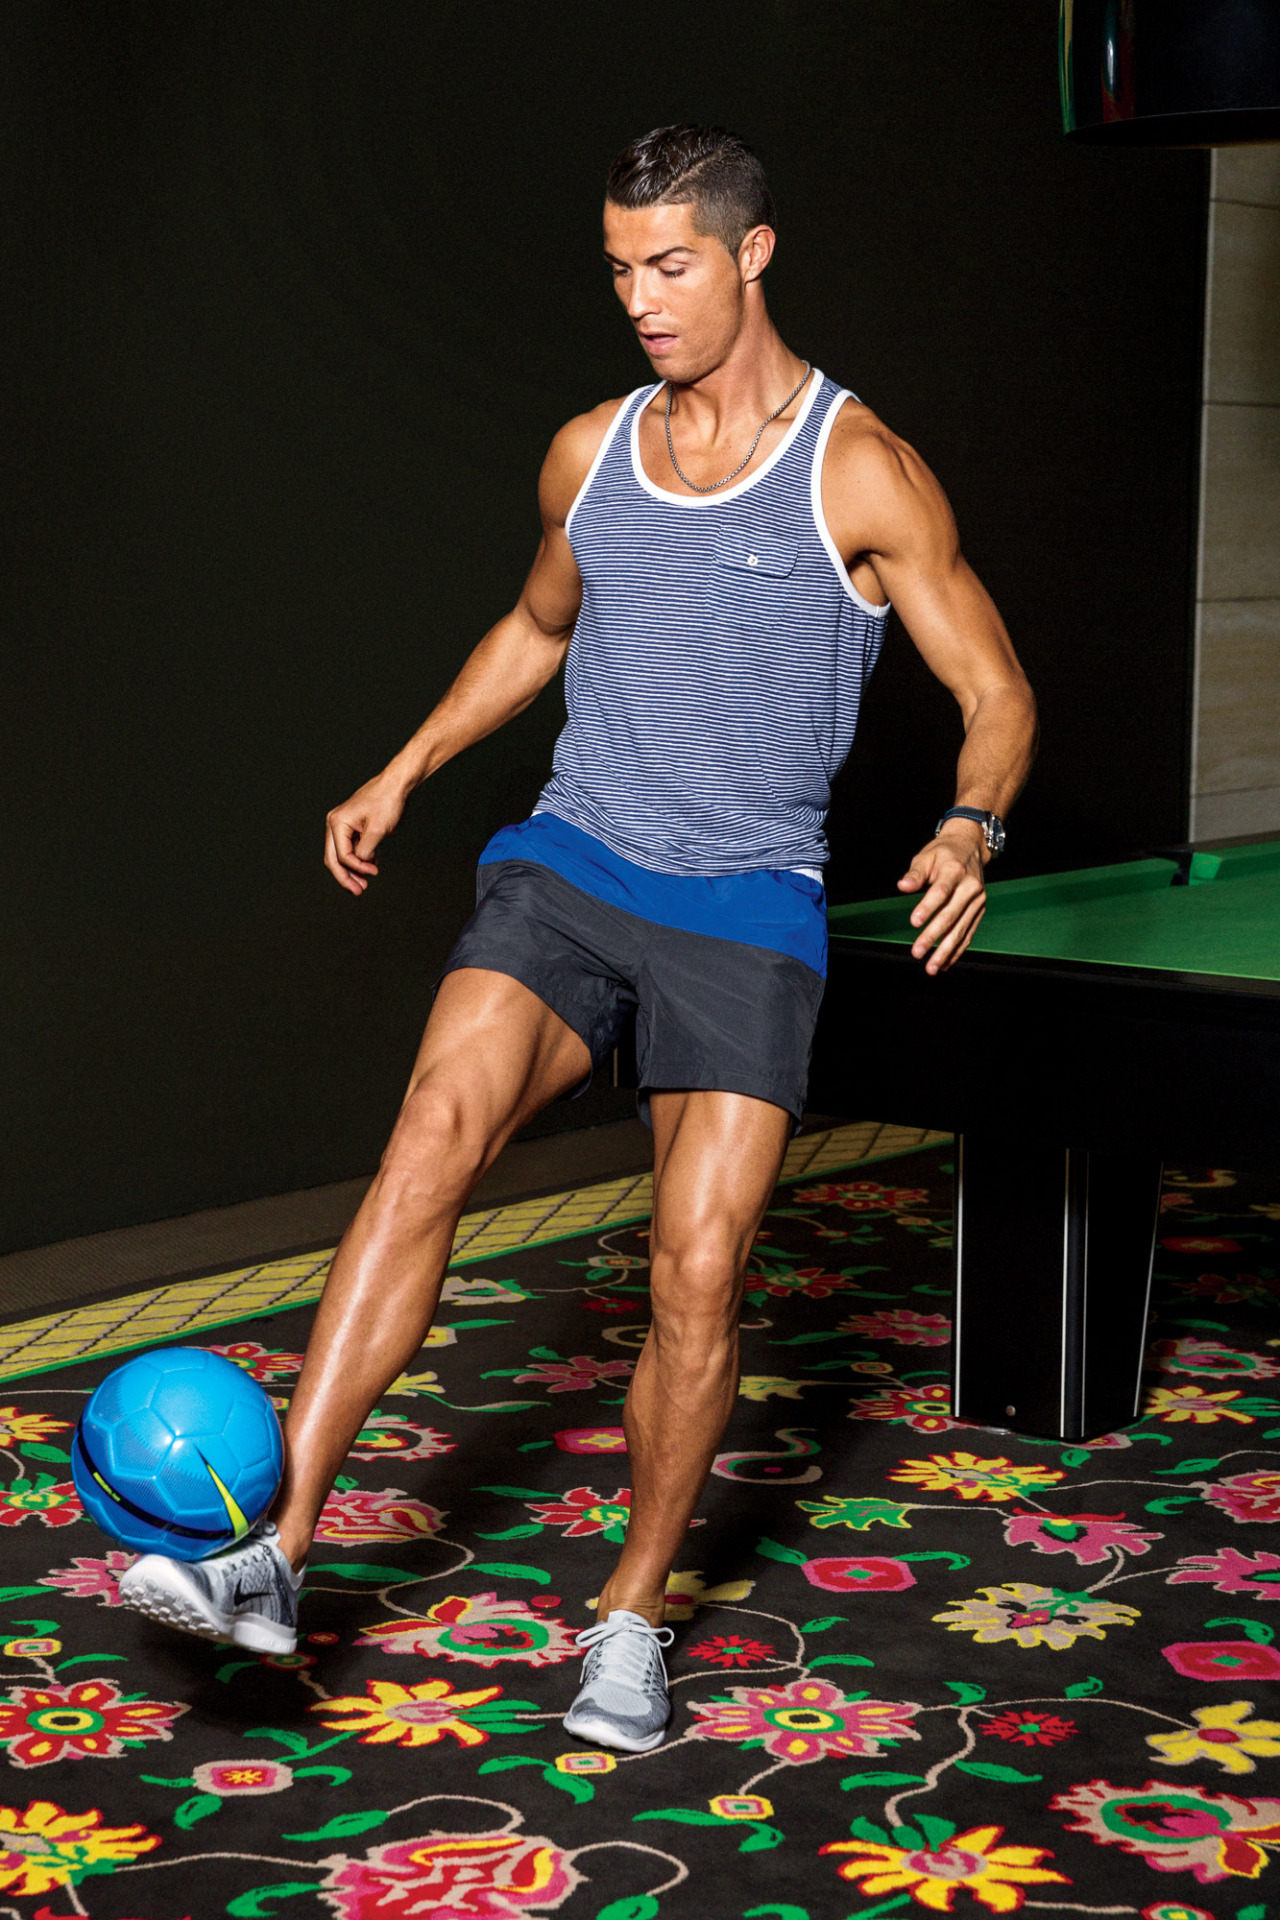 BR Cristiano-Ronaldo-2016-GQ 8